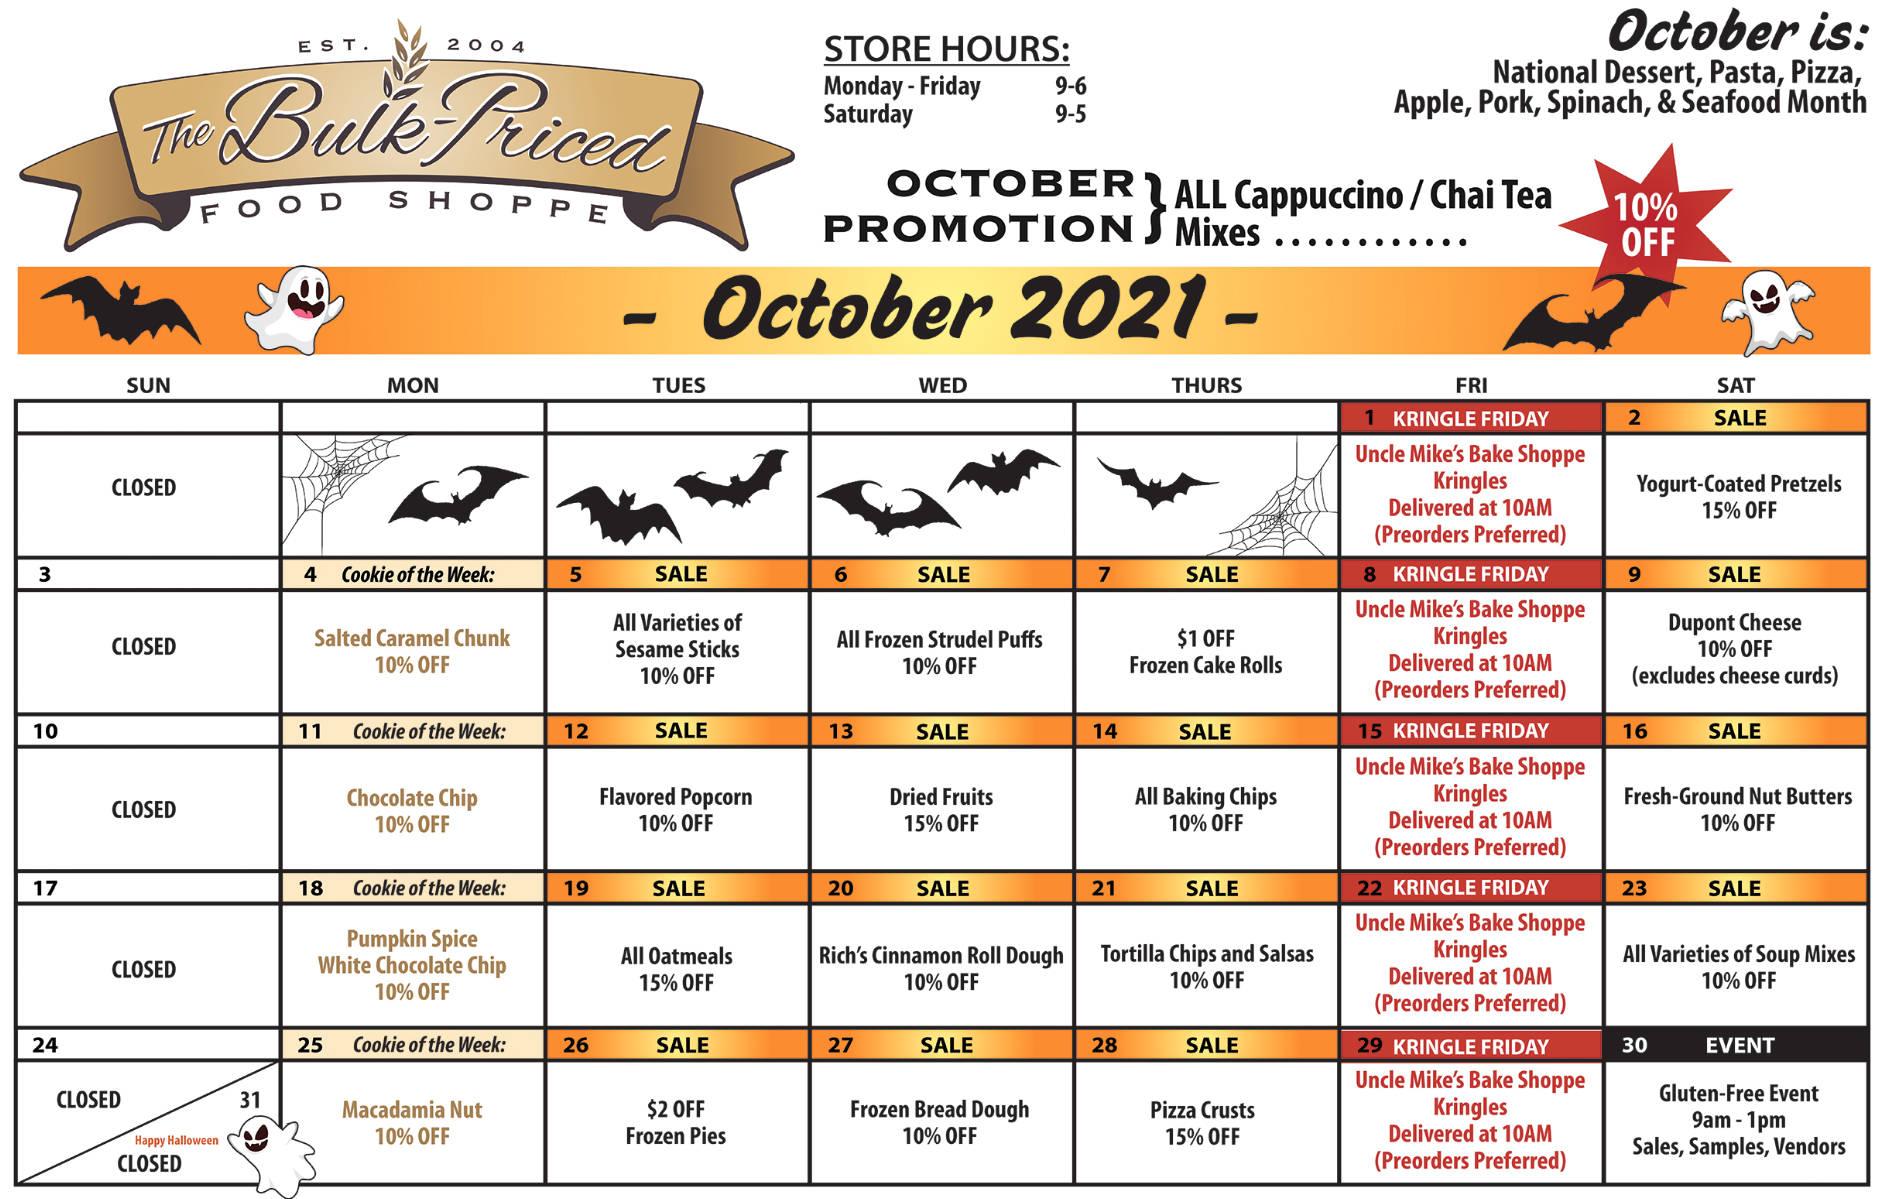 October In-Store Specials